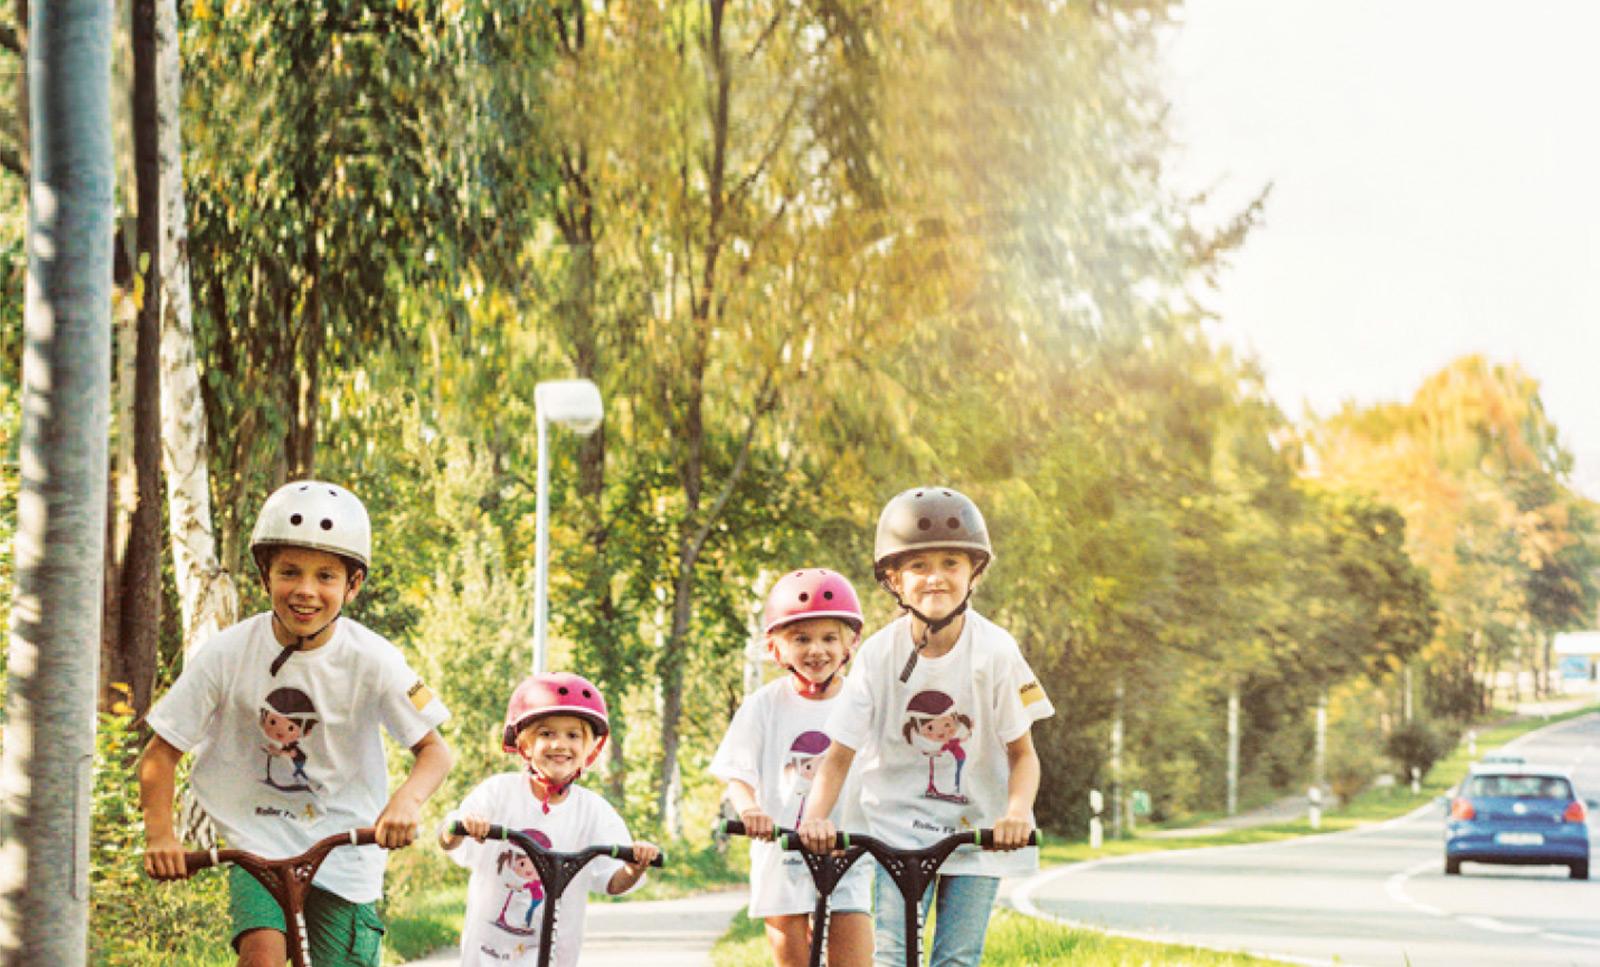 Grundschulkinder mit Roller. Roller Fit! - Trainingsprogramm für Grundschullehrer